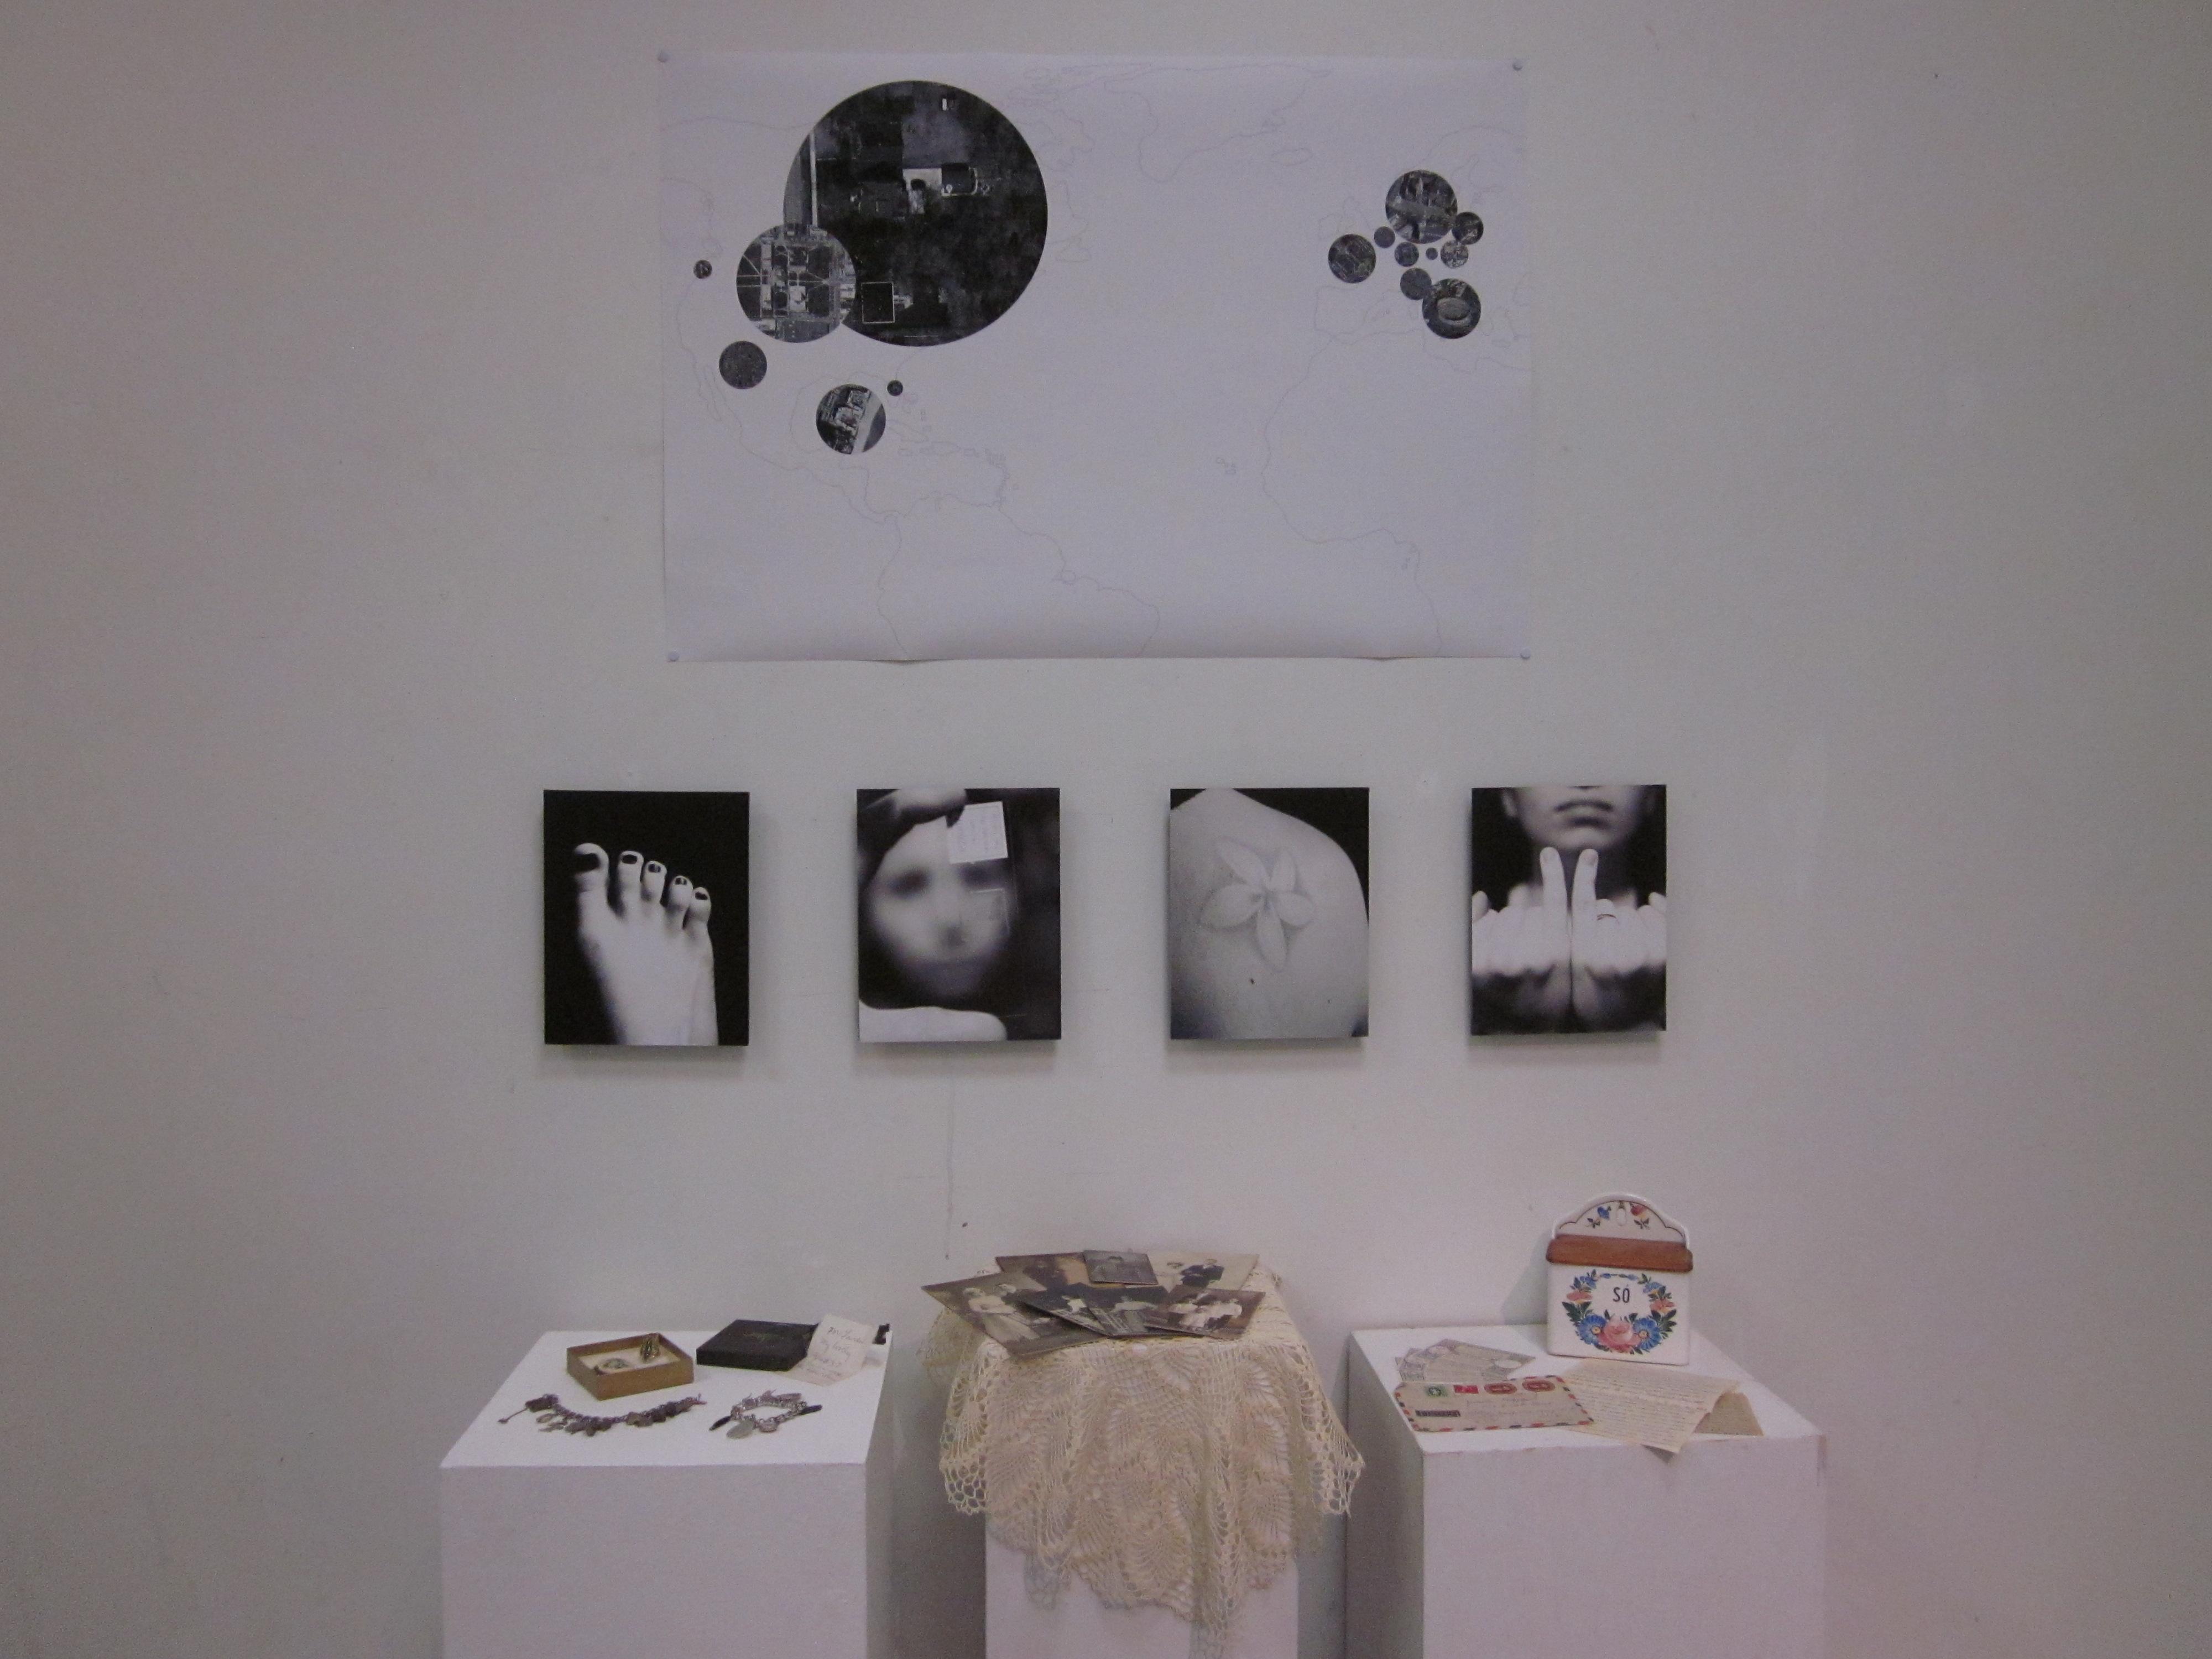 Lauren Fischer, Identity Project, Intermedia II